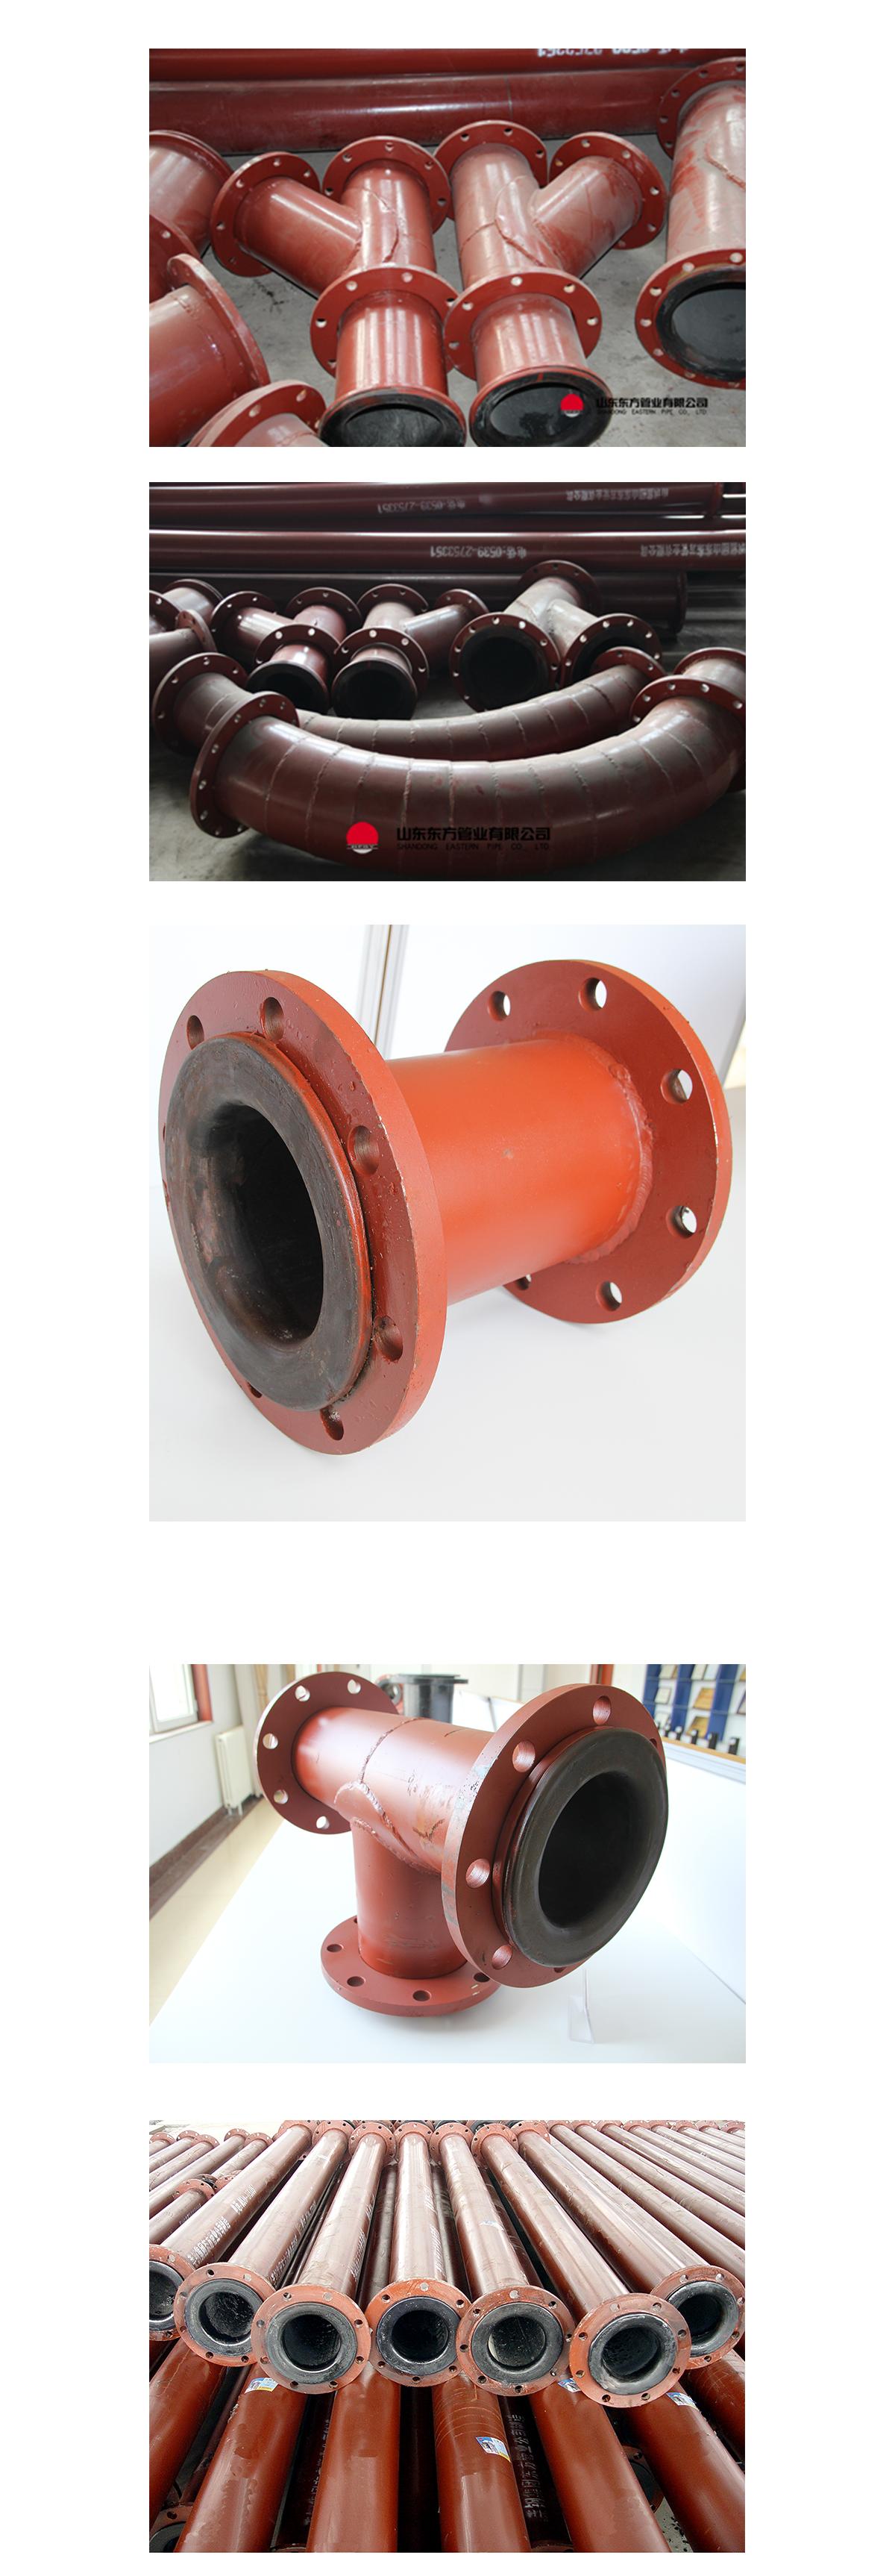 钢衬超高分子高压复合管材(重点)1.png